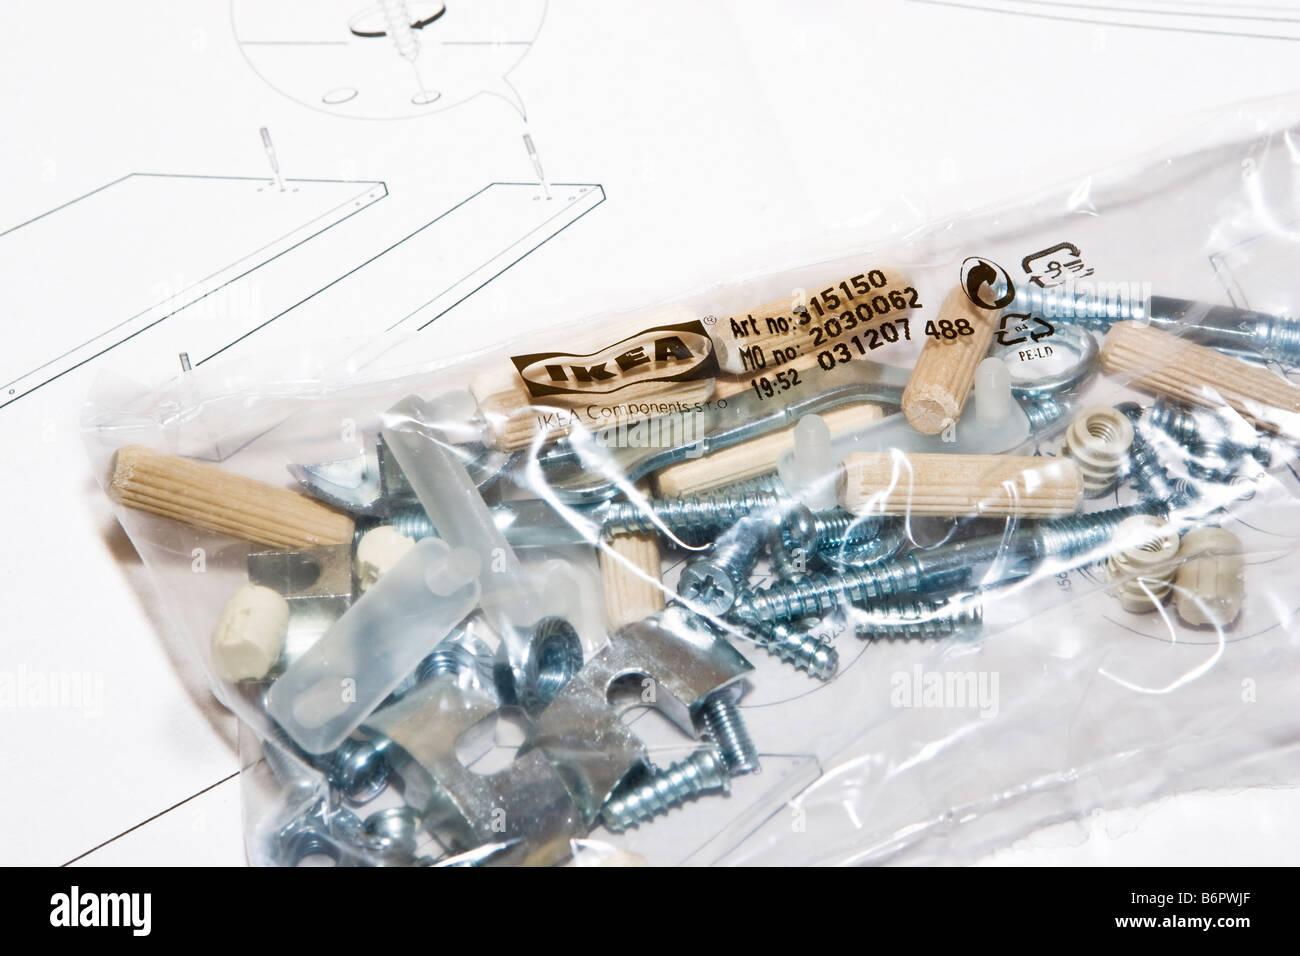 Un Paquet Doutils Et De Meubles Ikea Flatpack Pièces Sur